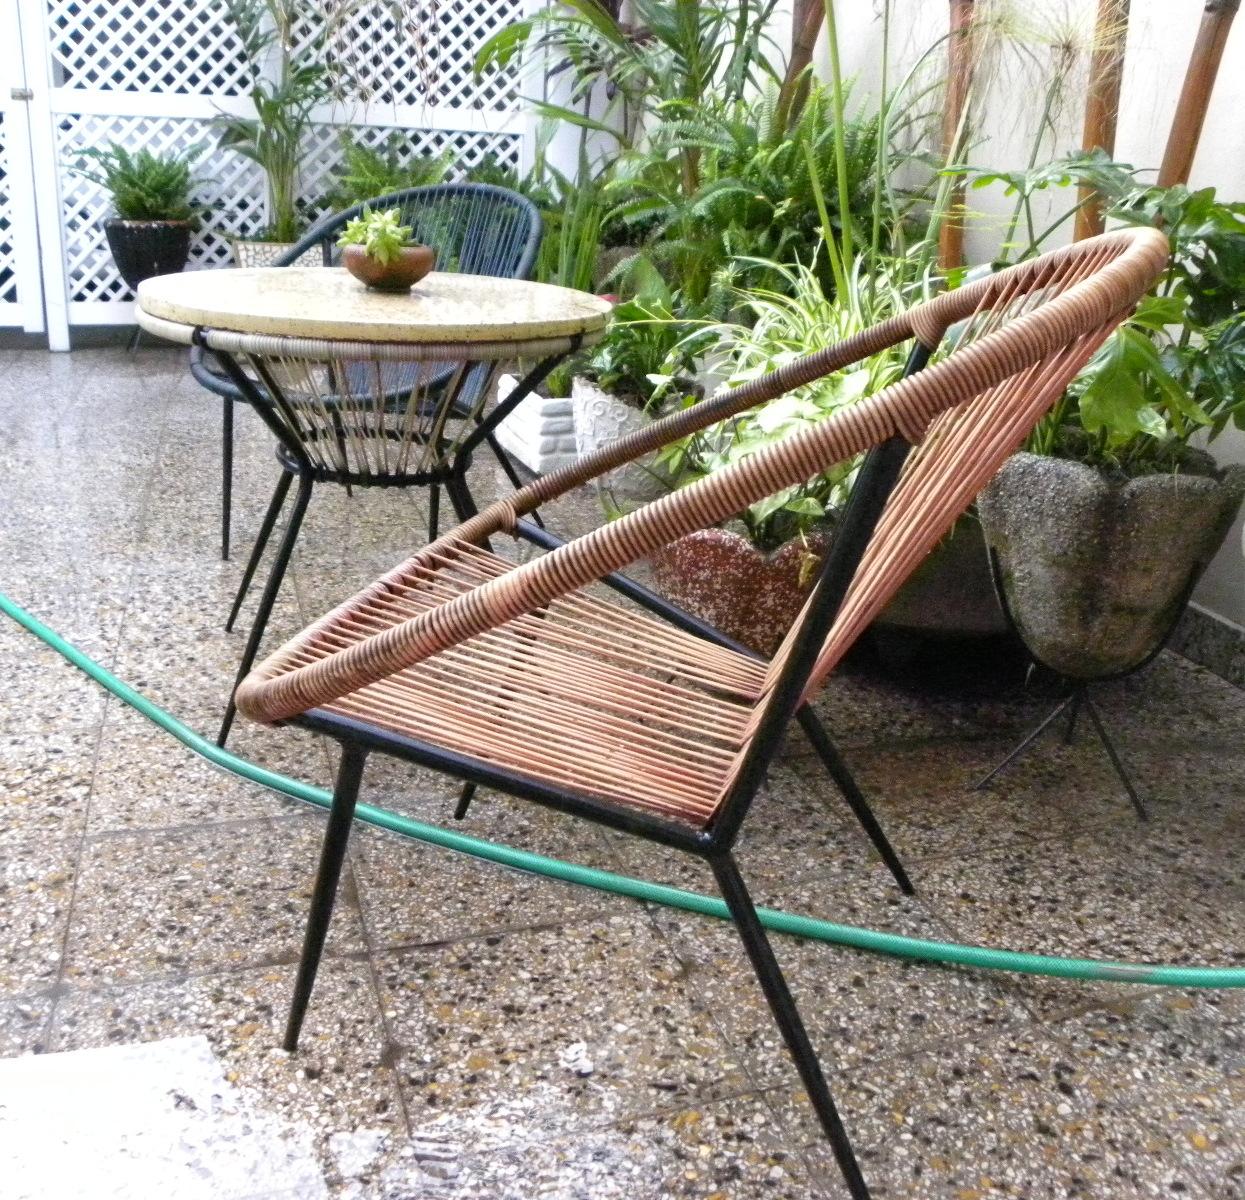 Deco Retro - Vintage: Juego de jardín vintage